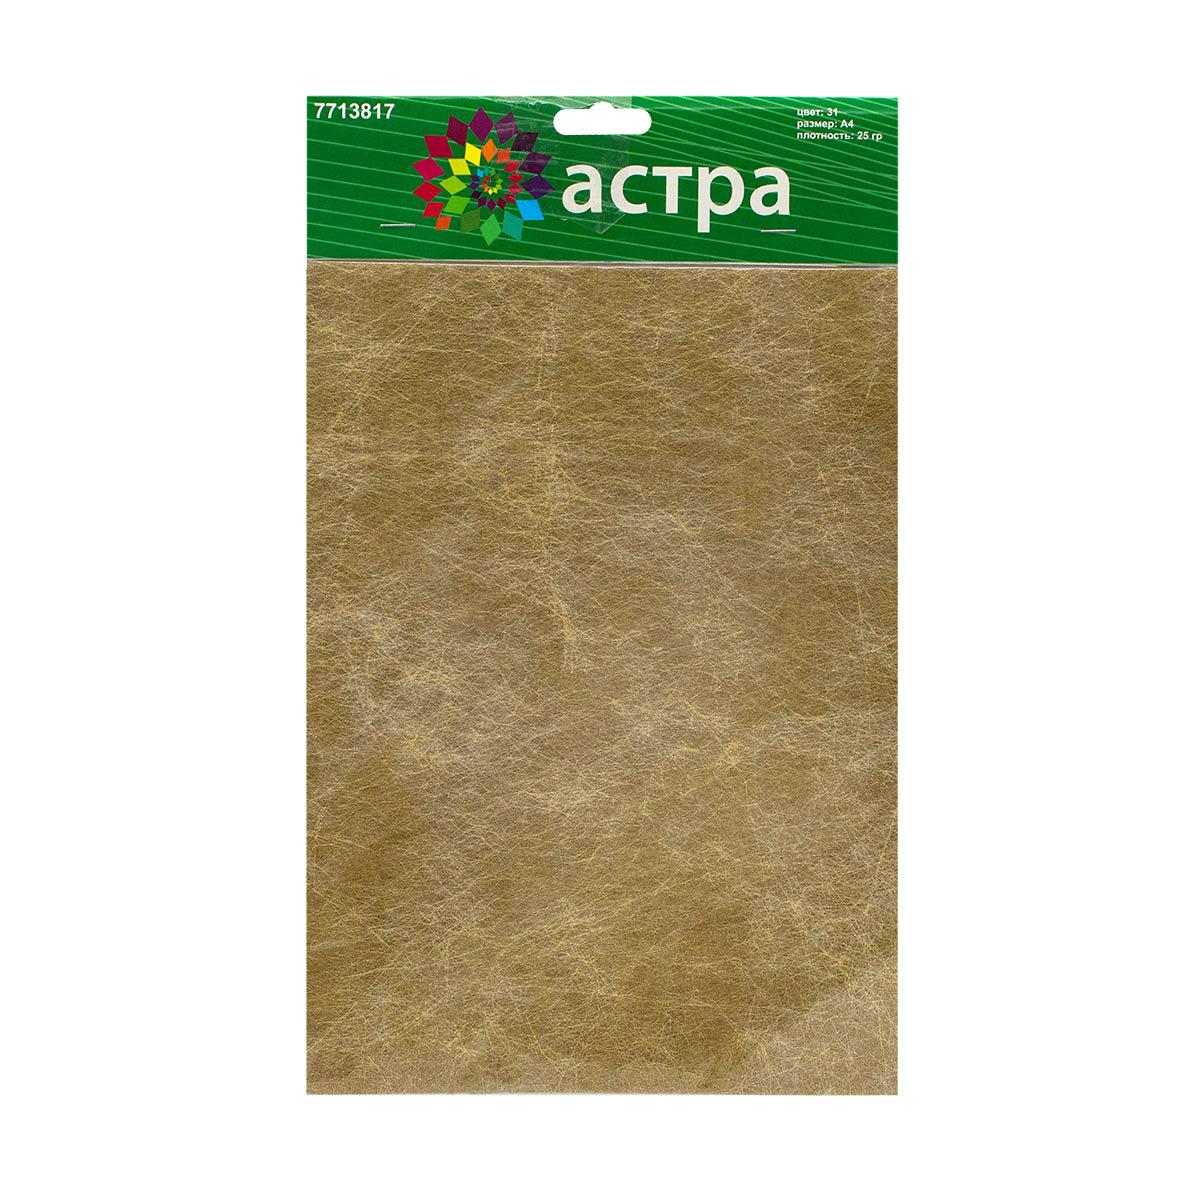 Декоративный нетканный материал для упаковки, рукоделия, флористики A4, 25 гр., 10шт. GN55-30